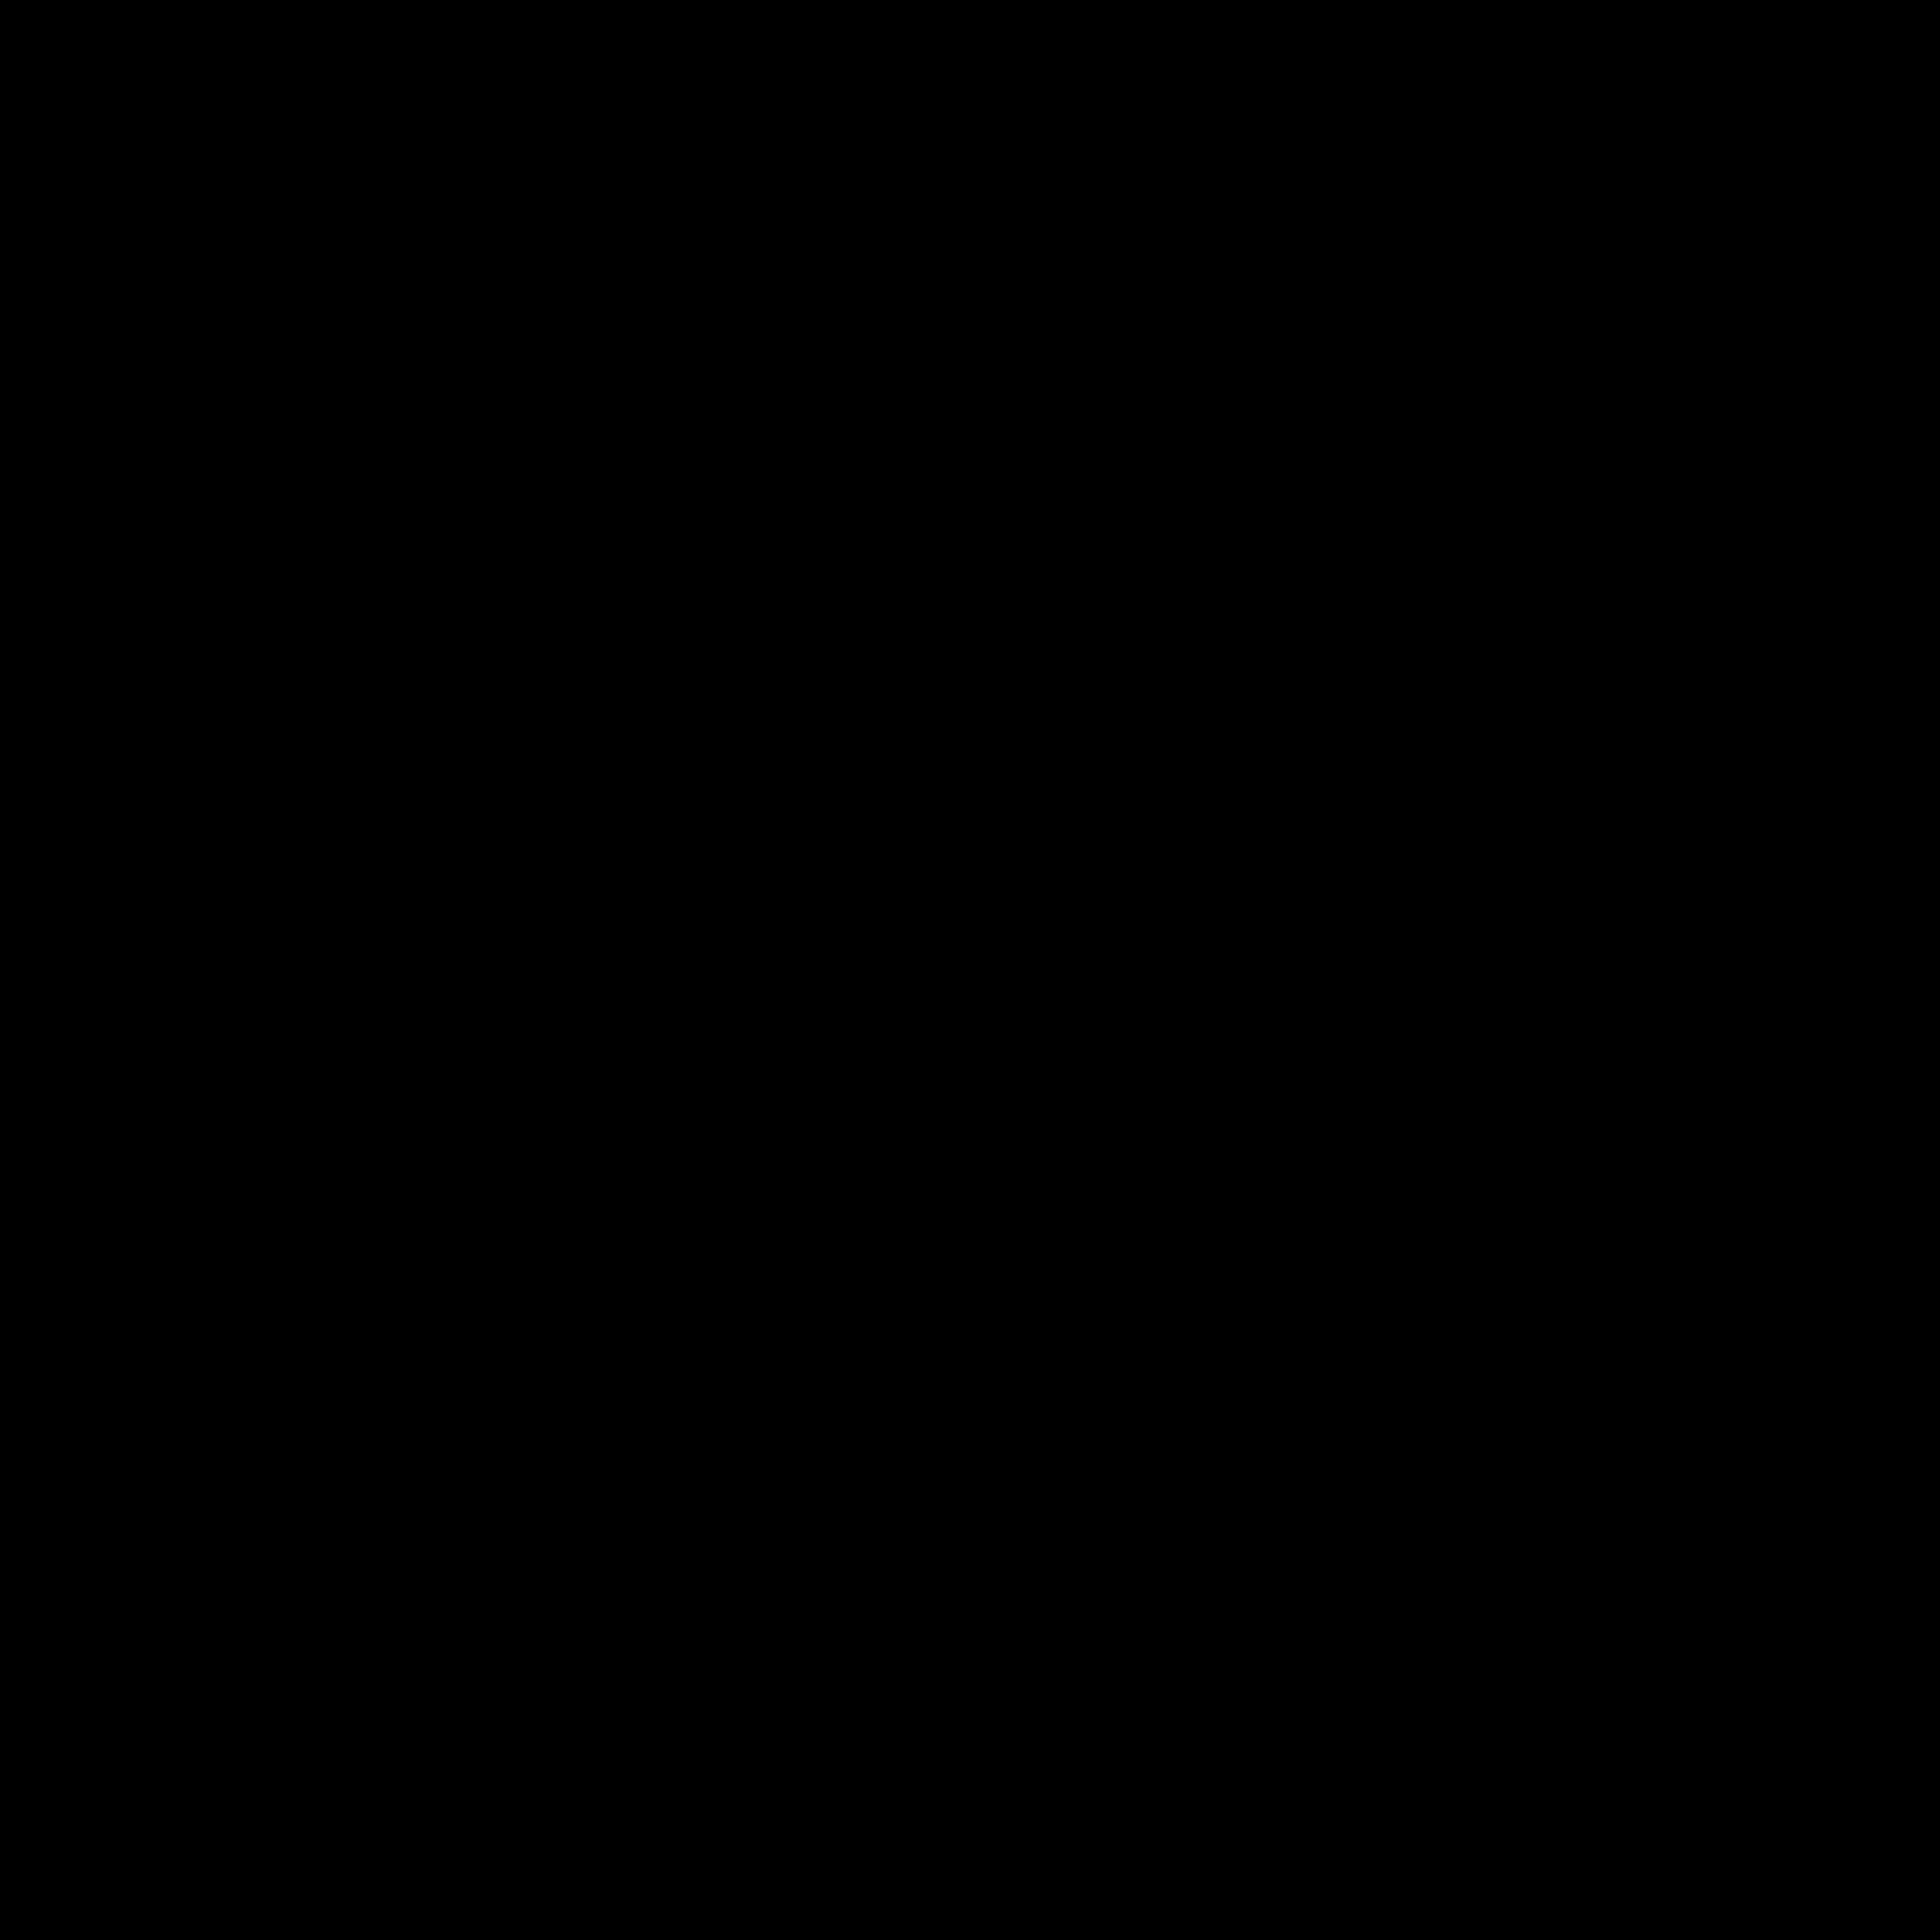 David Chatfield Photography